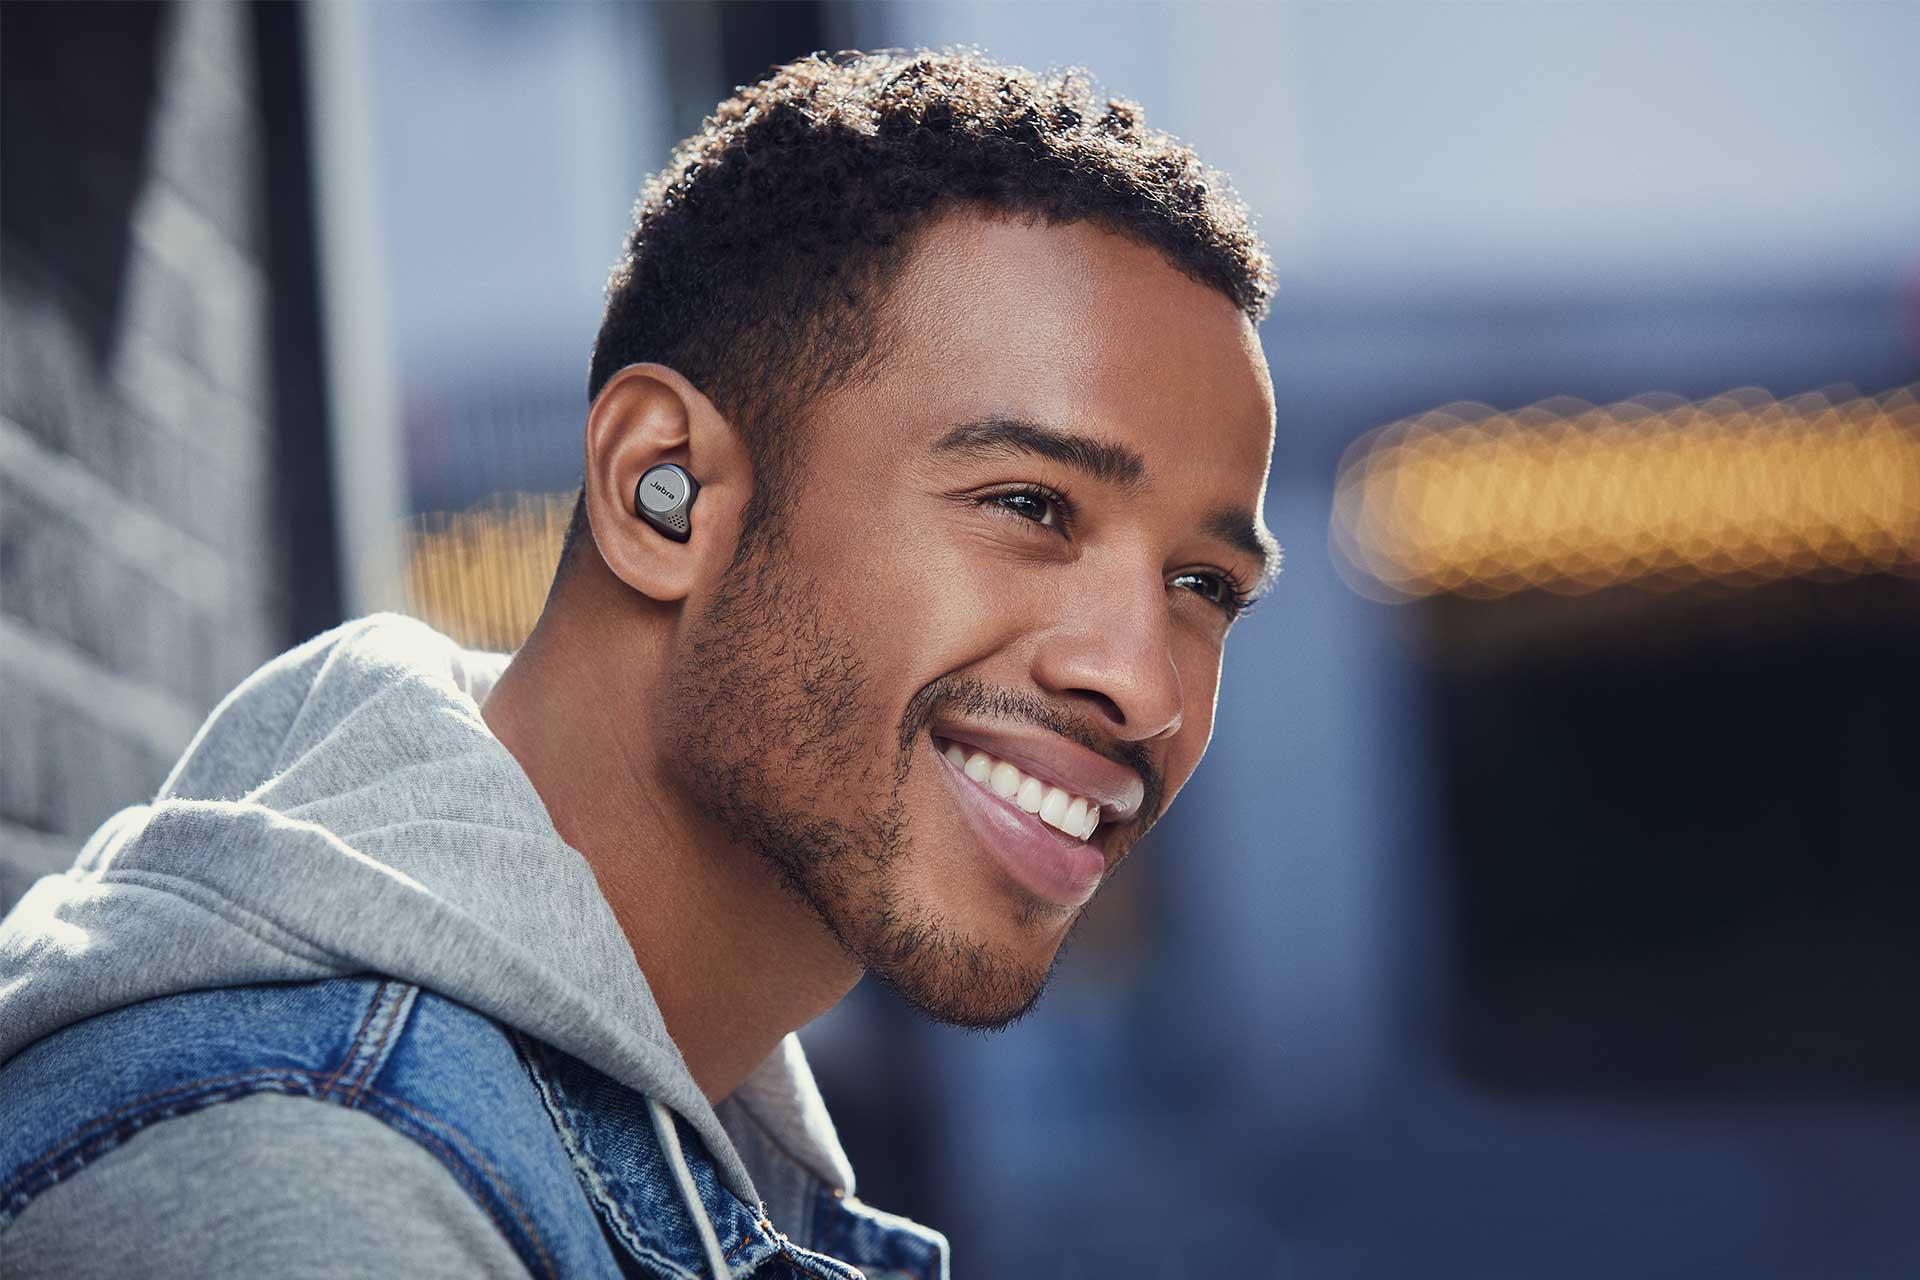 jabra elite 75t lifestyle true wireless earbuds